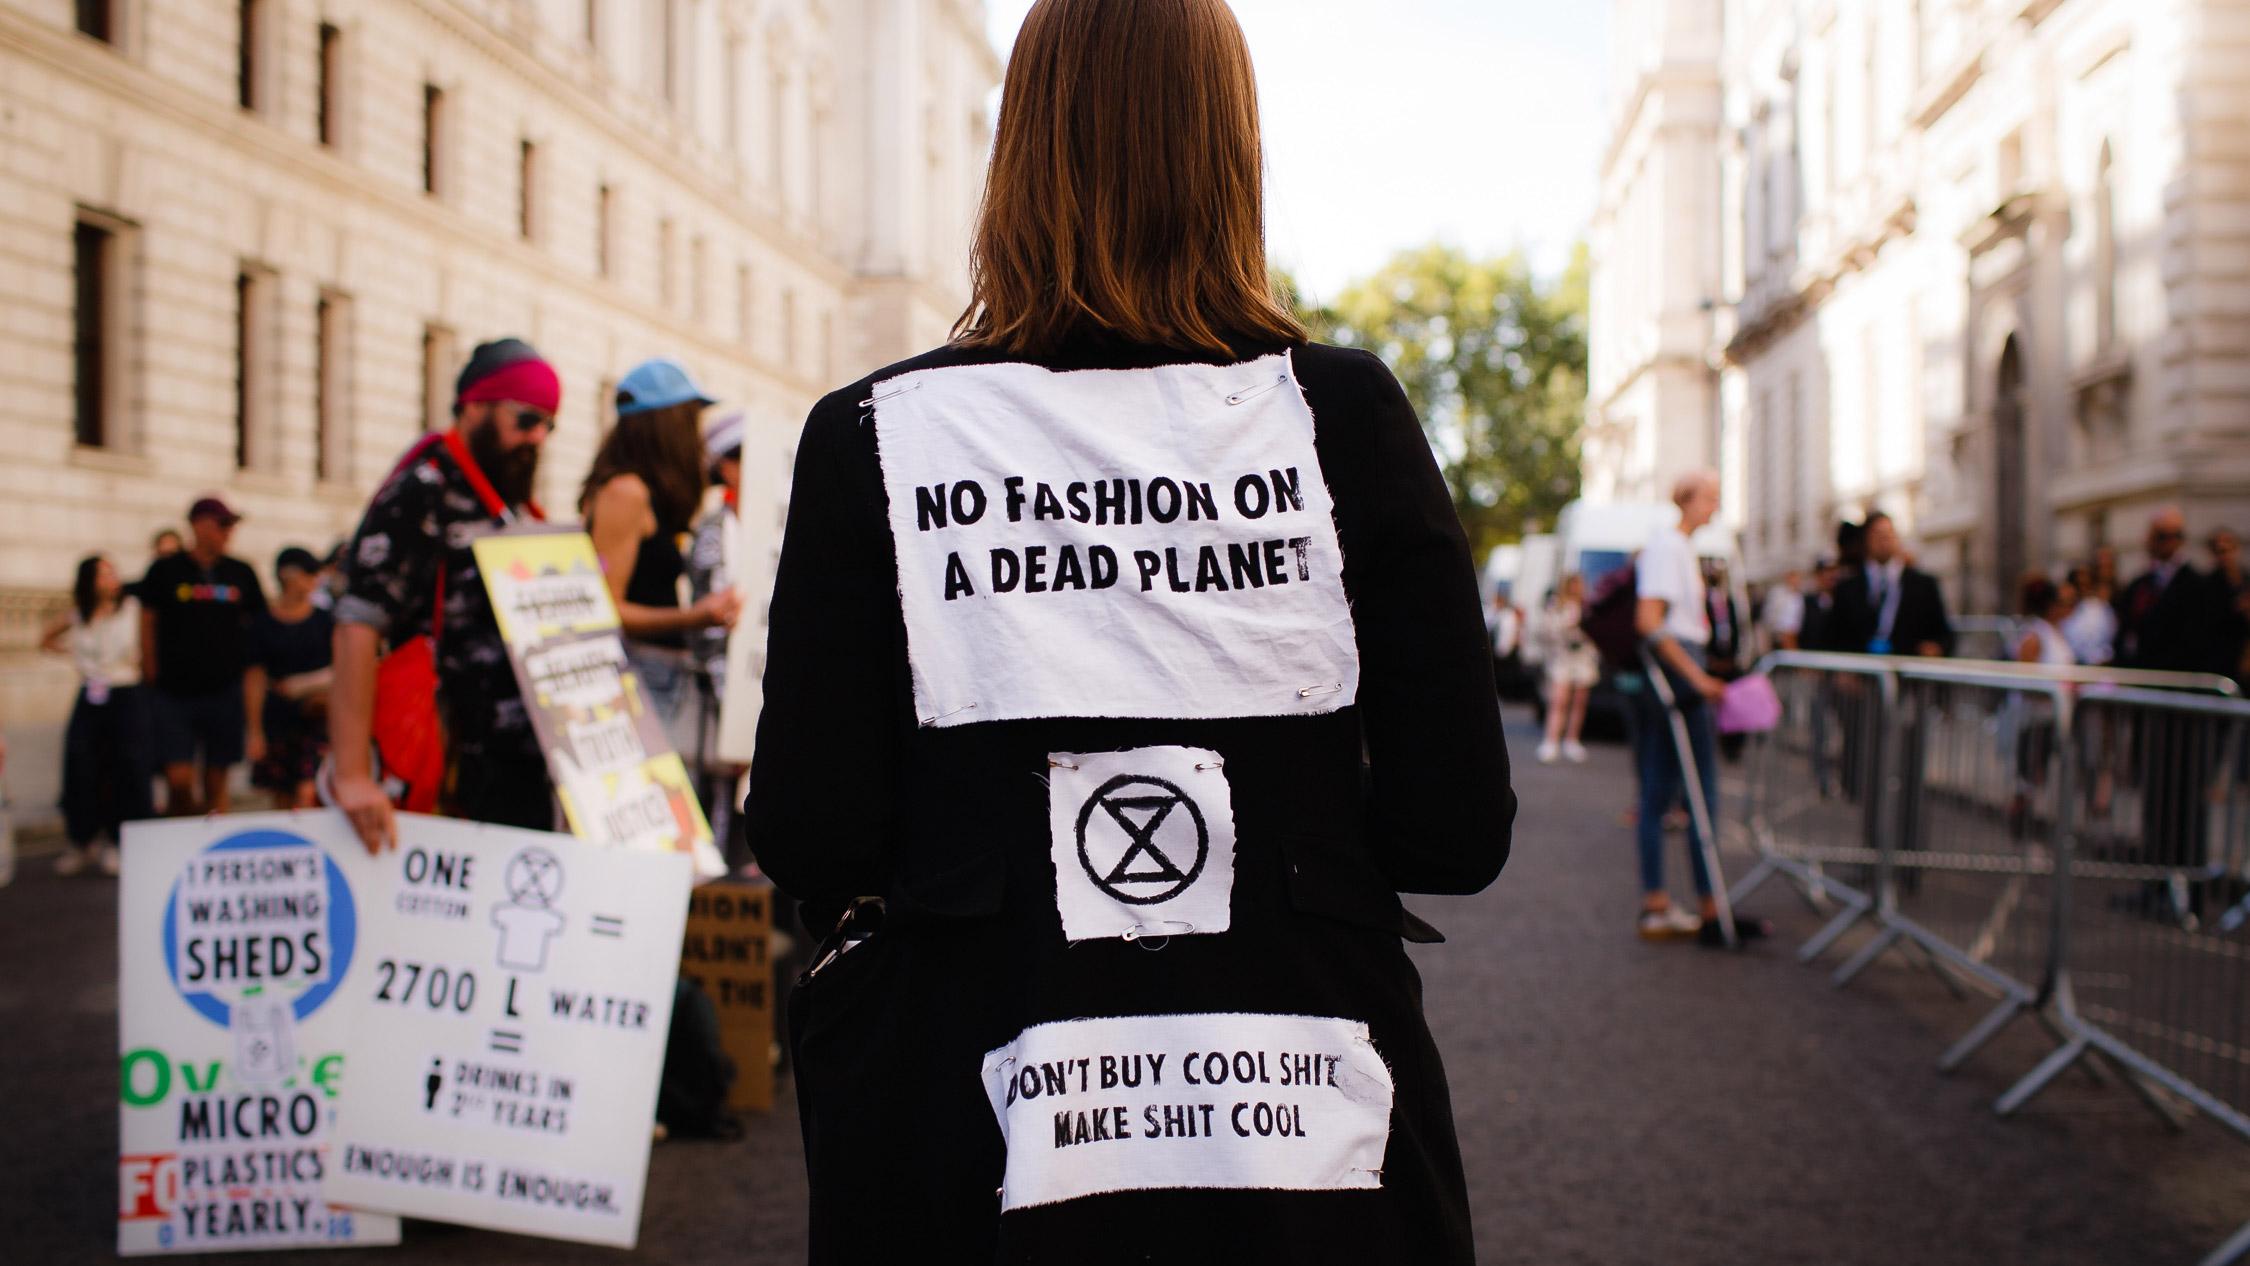 no fashion on a dead planet - Il tranello del greenwashing